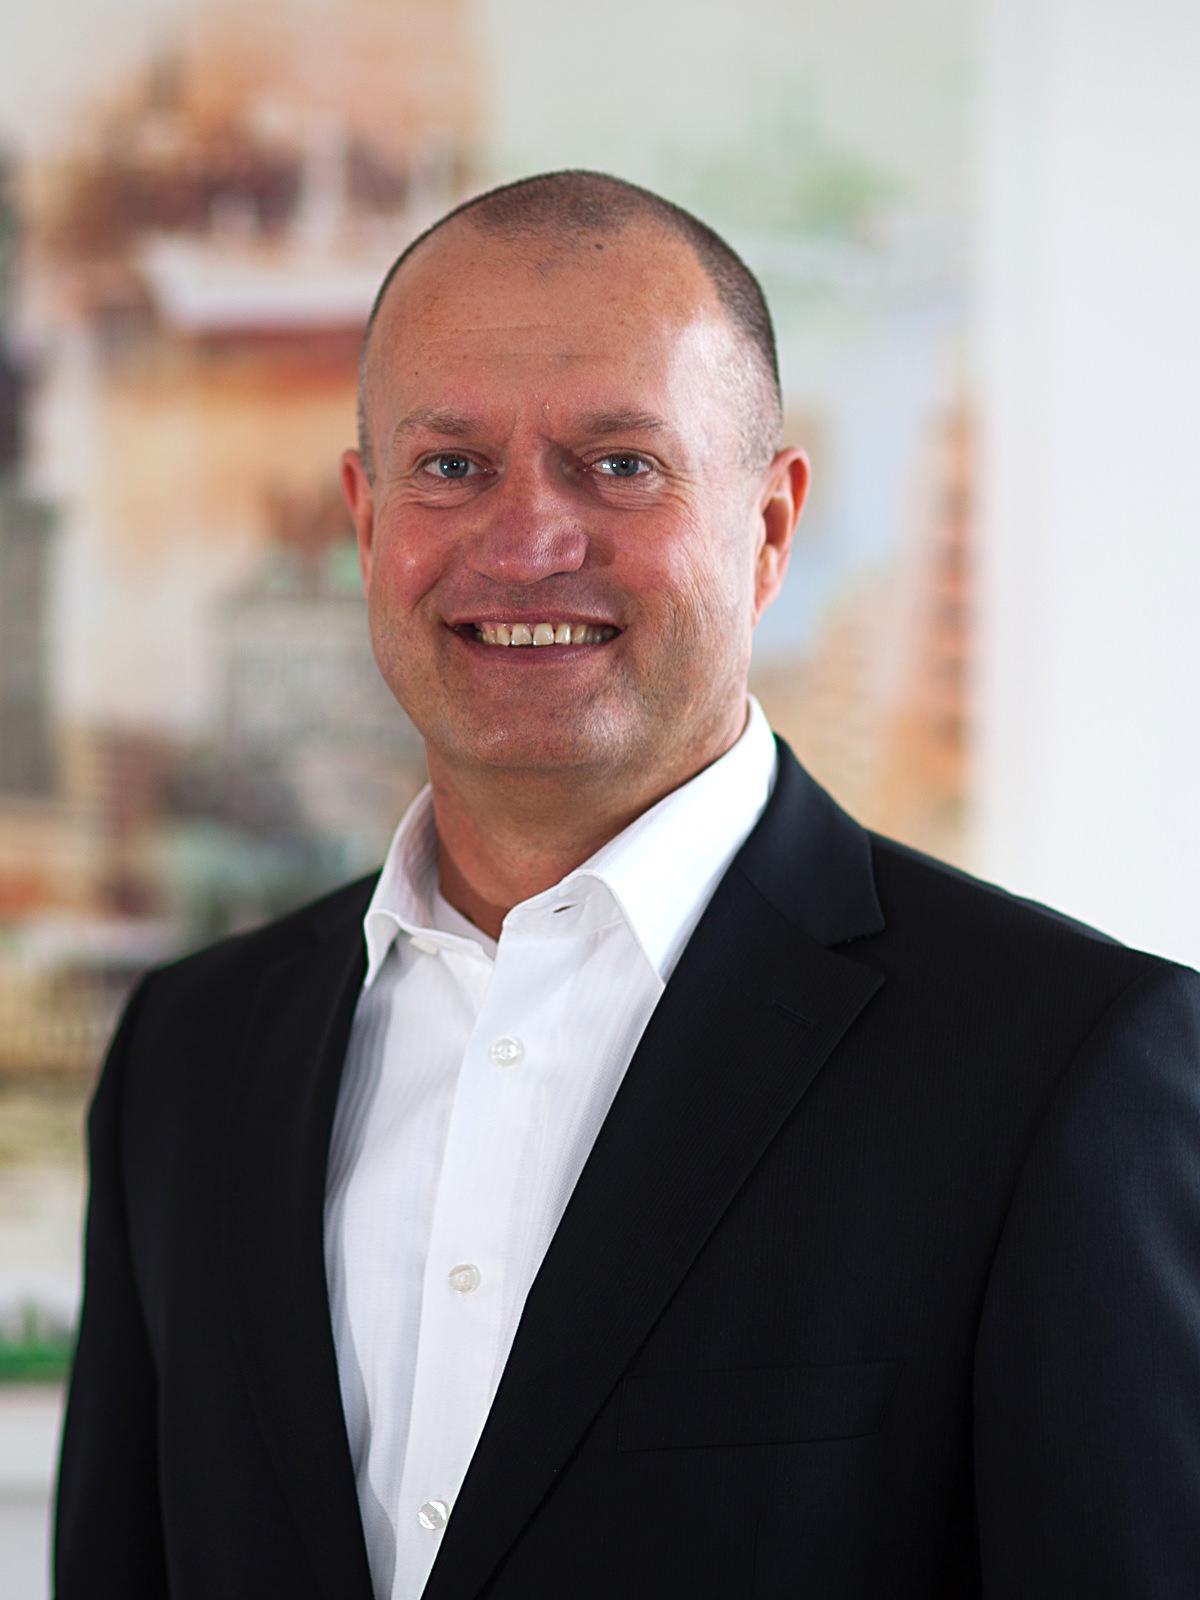 Geschäftsführer Holger Bläsius VAW Versorgungsausgleichswerk GmbH